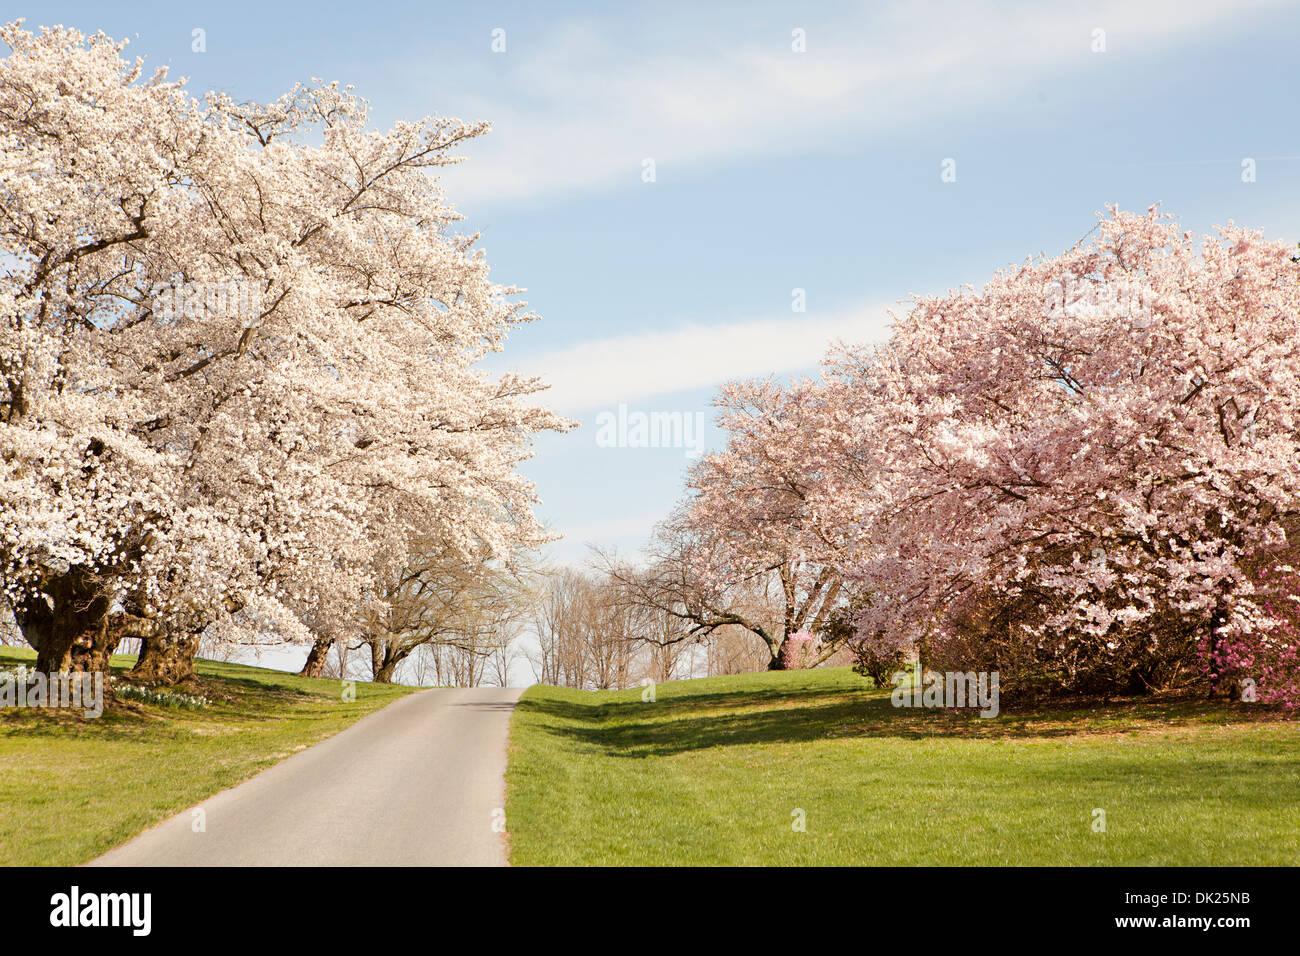 Rosa y flores blancas en primavera los árboles a lo largo del camino Imagen De Stock